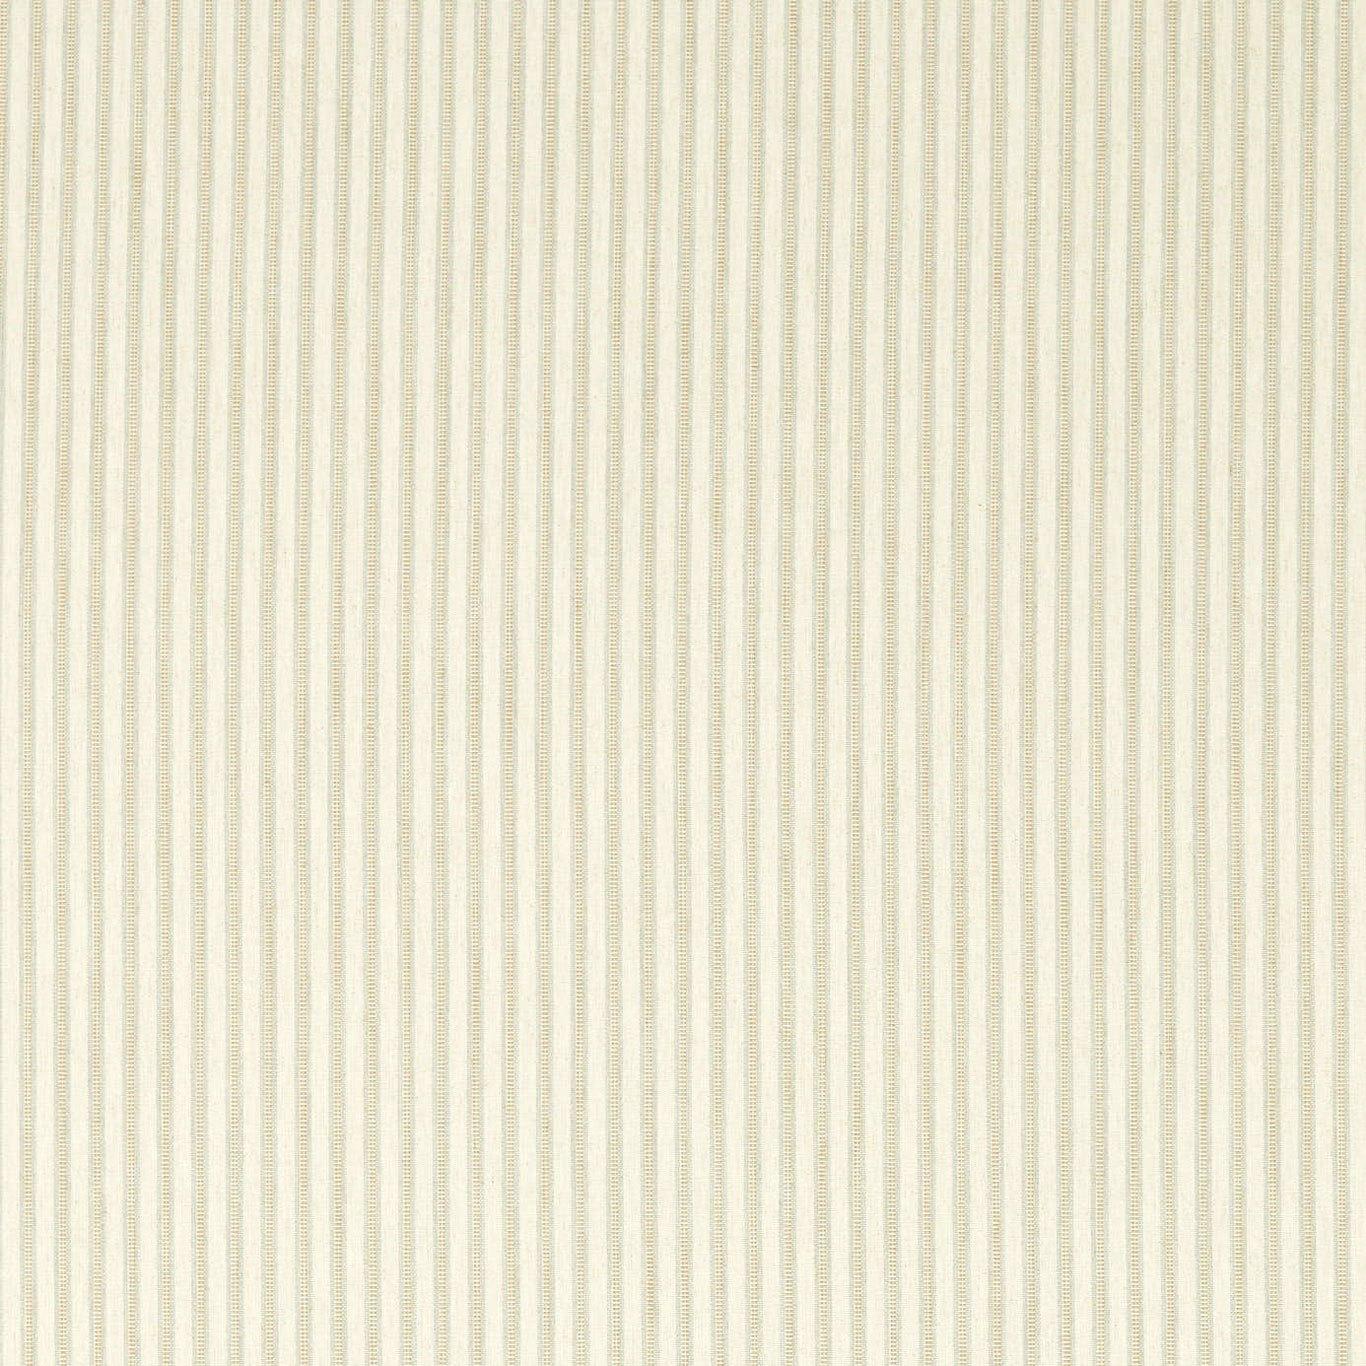 Melford Stripe by SAN